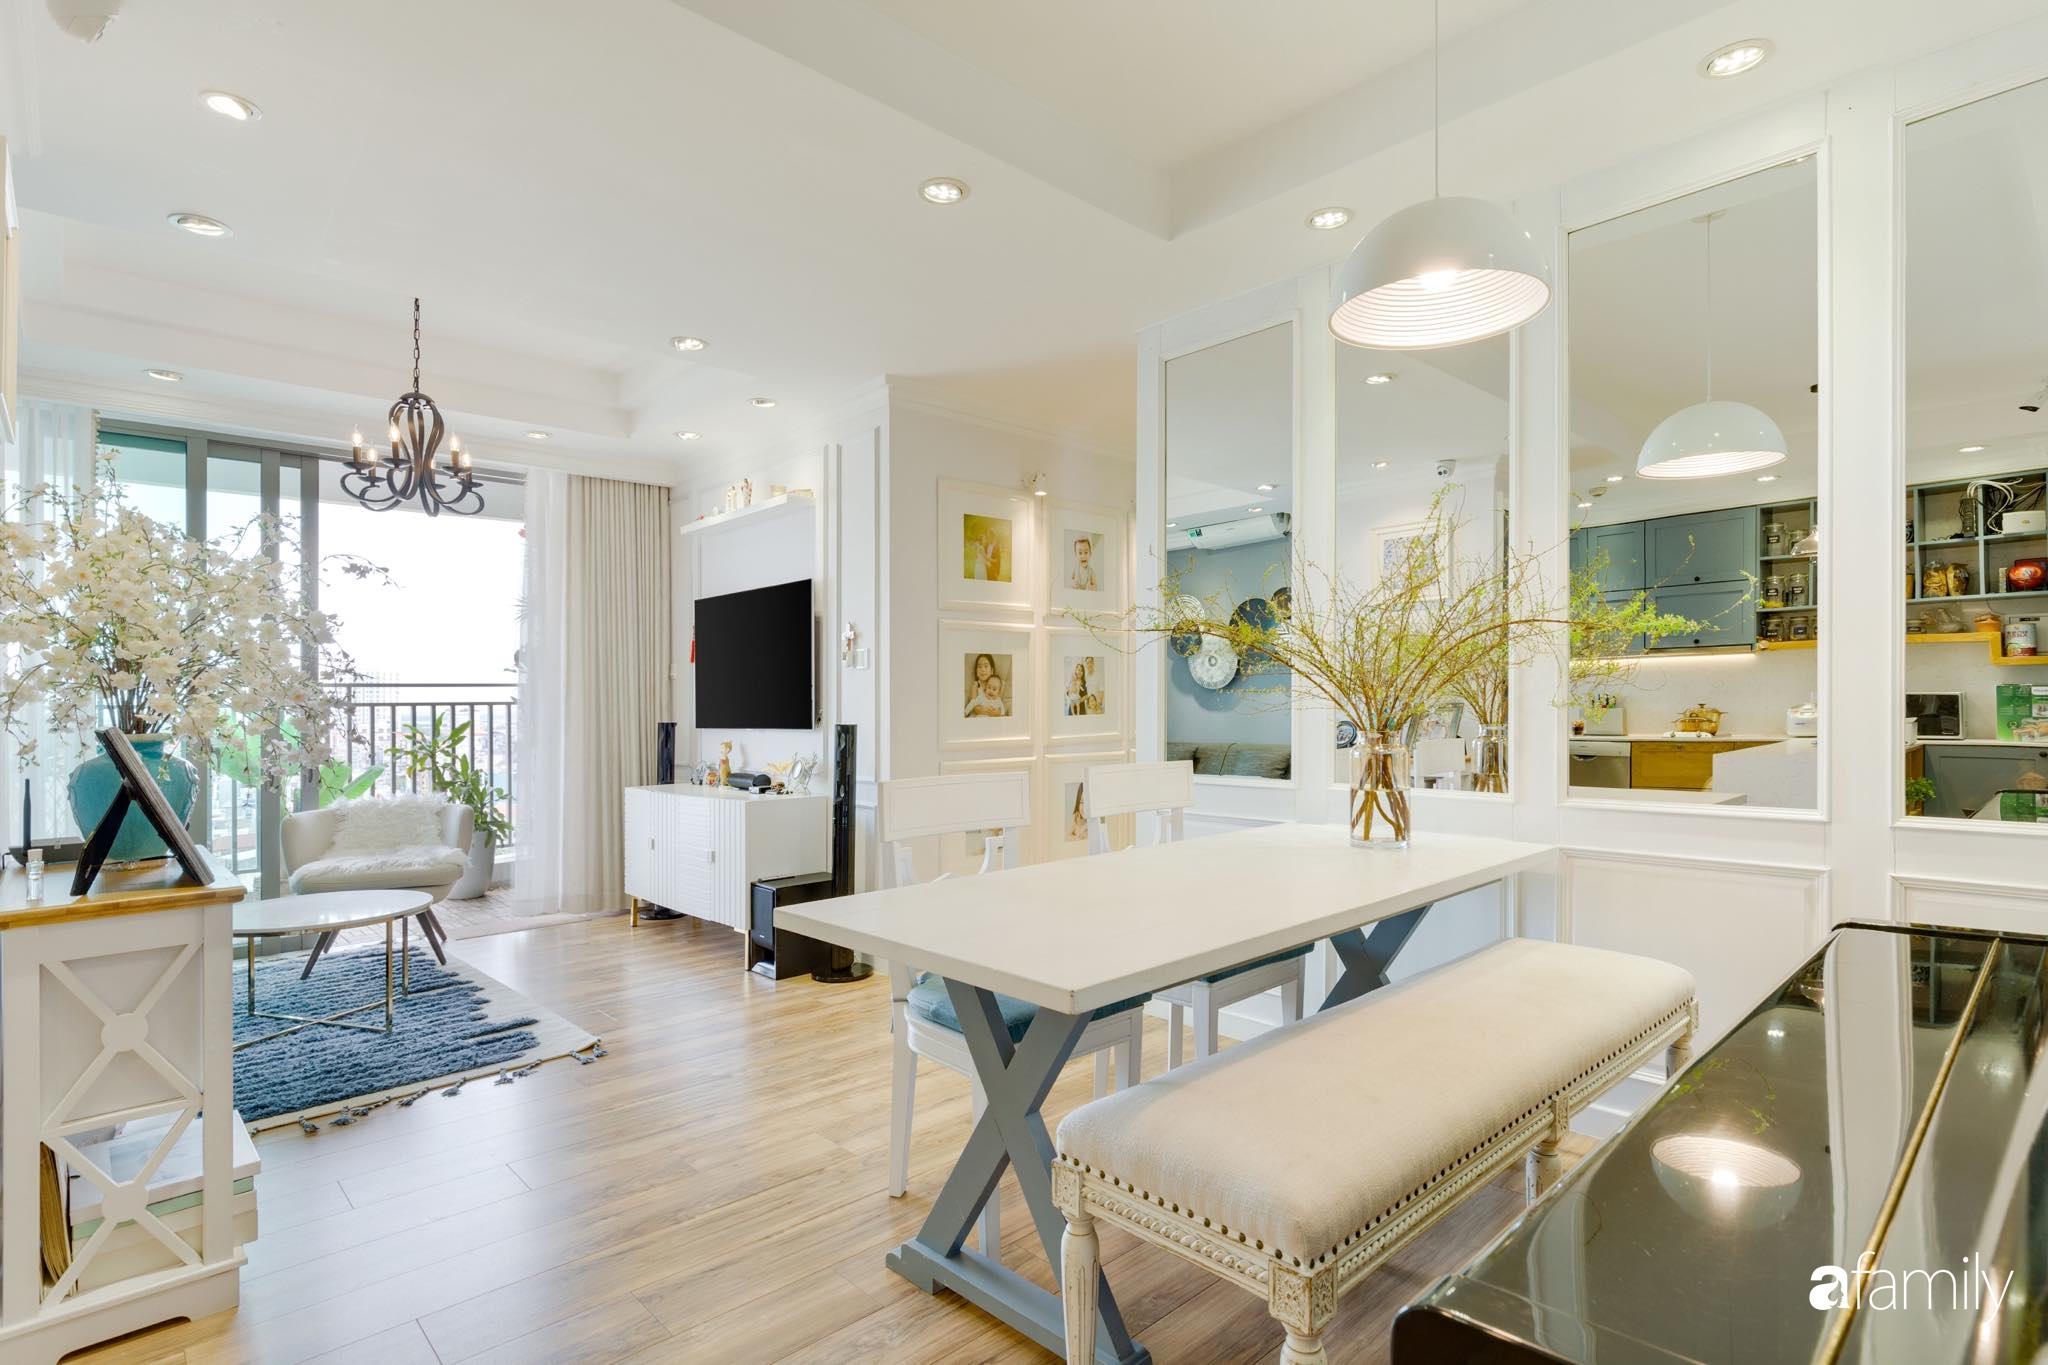 Căn hộ 92m² với góc nào cũng đẹp như trong tạp chí nước ngoài của gia chủ yêu thích trang trí nội thất ở Sài Gòn - Ảnh 9.